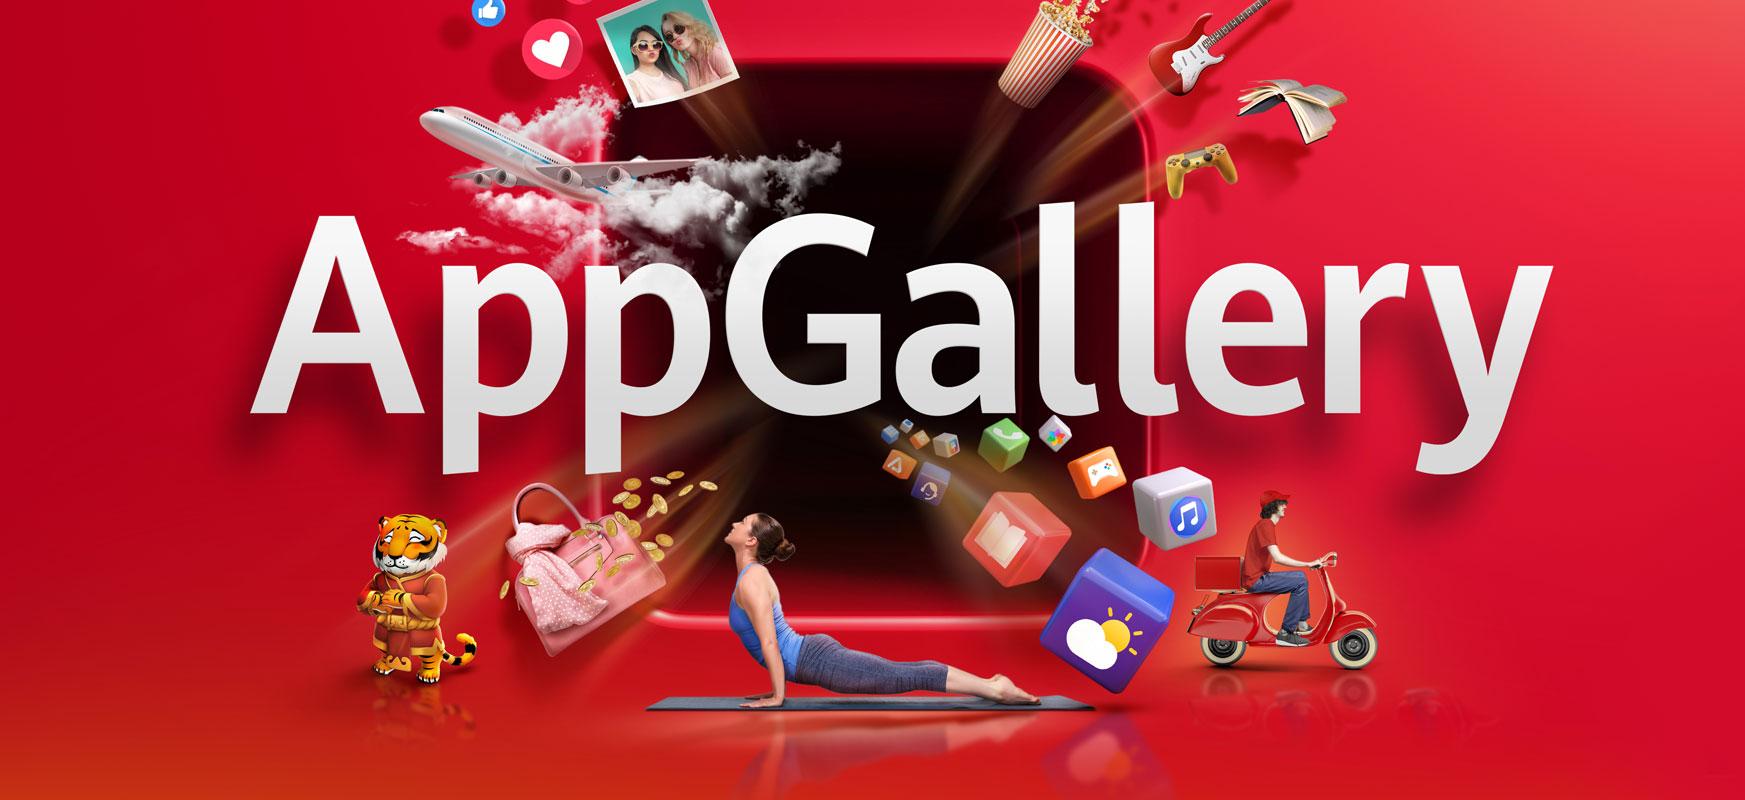 Huawei AppGallery, edo erabiltzaileentzako onura asko